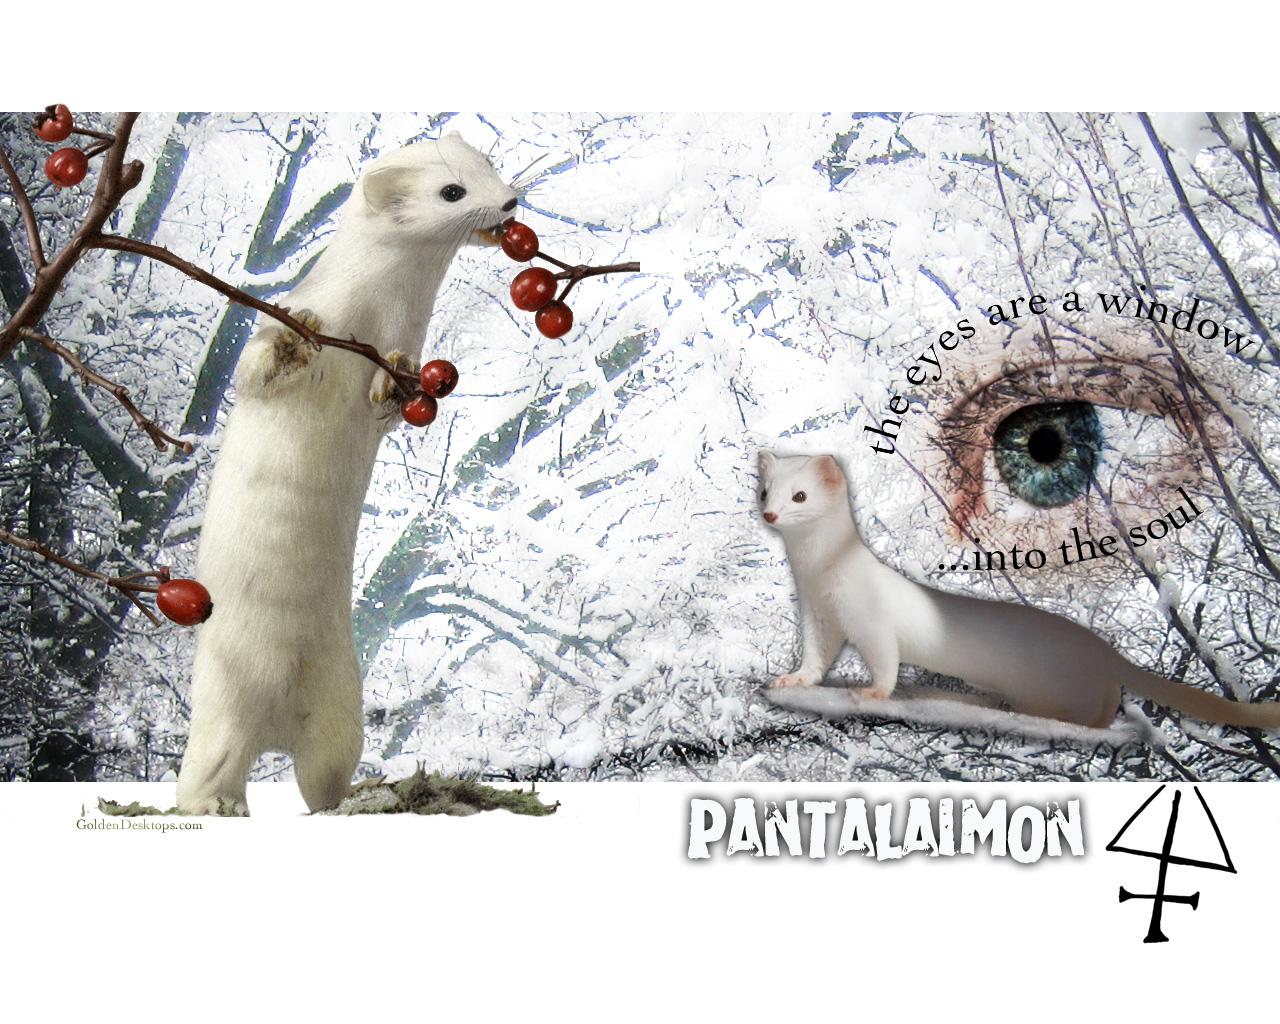 Pantalaimon